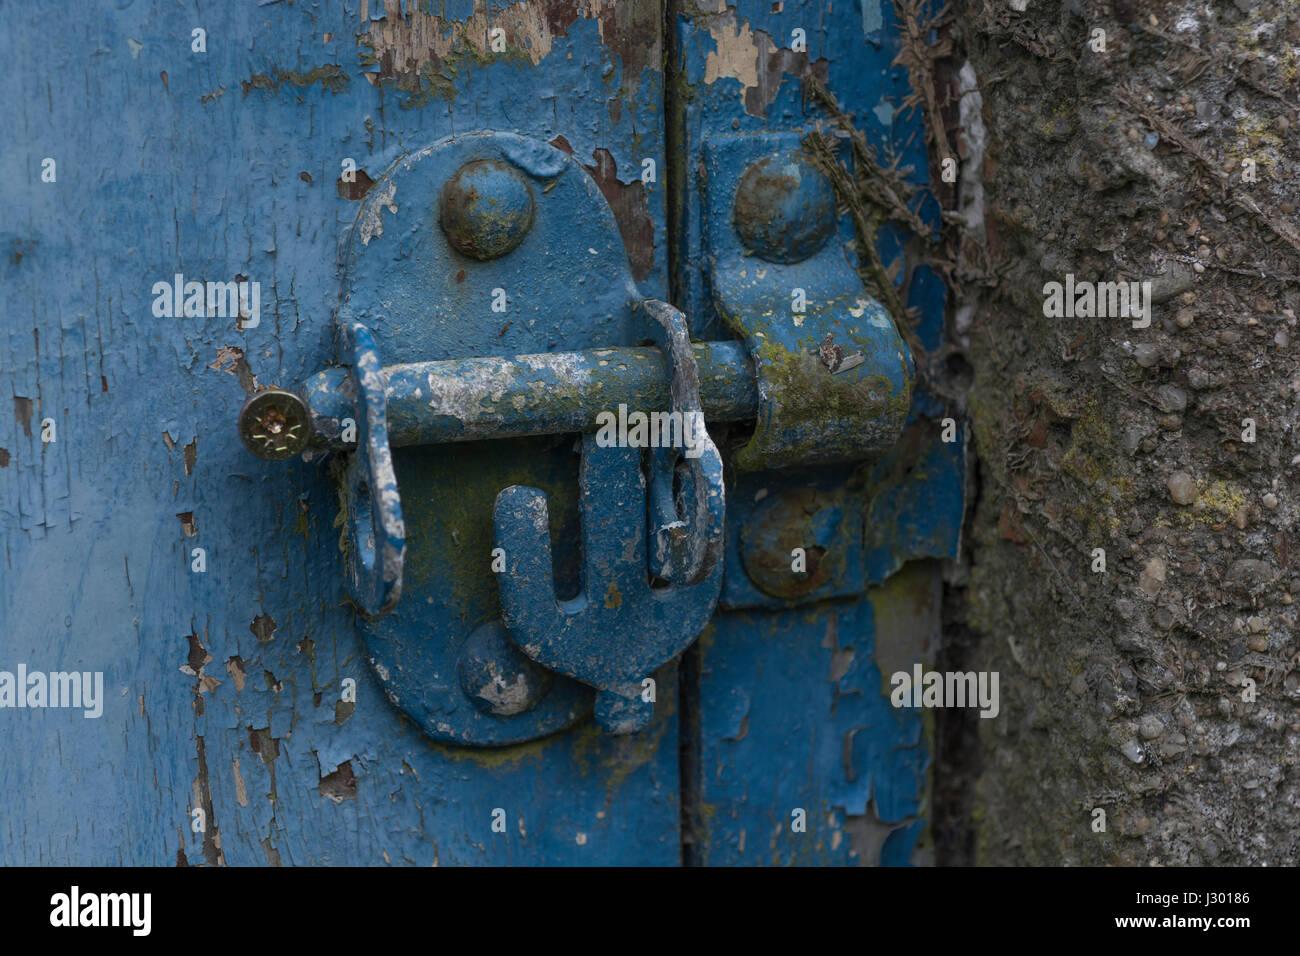 Bolted door lock - metaphor for both \u0027security\u0027 and \u0027secretive\u0027 & Bolted door lock - metaphor for both \u0027security\u0027 and \u0027secretive ...